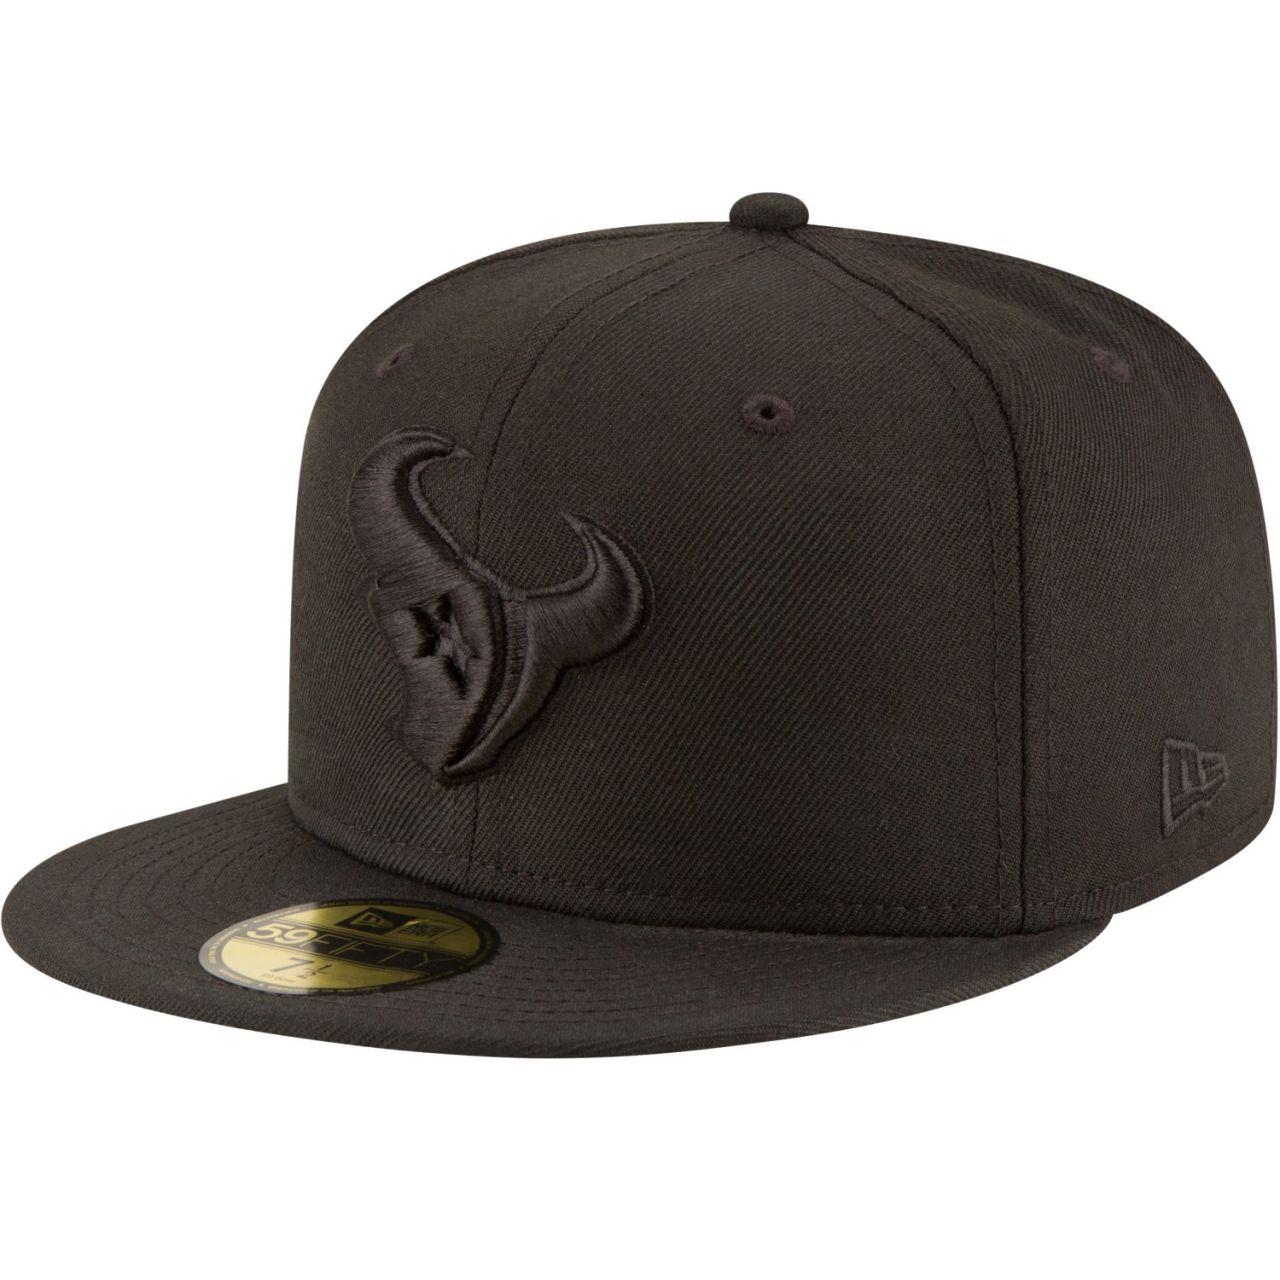 amfoo - New Era 59Fifty Cap - NFL BLACK Houston Texans